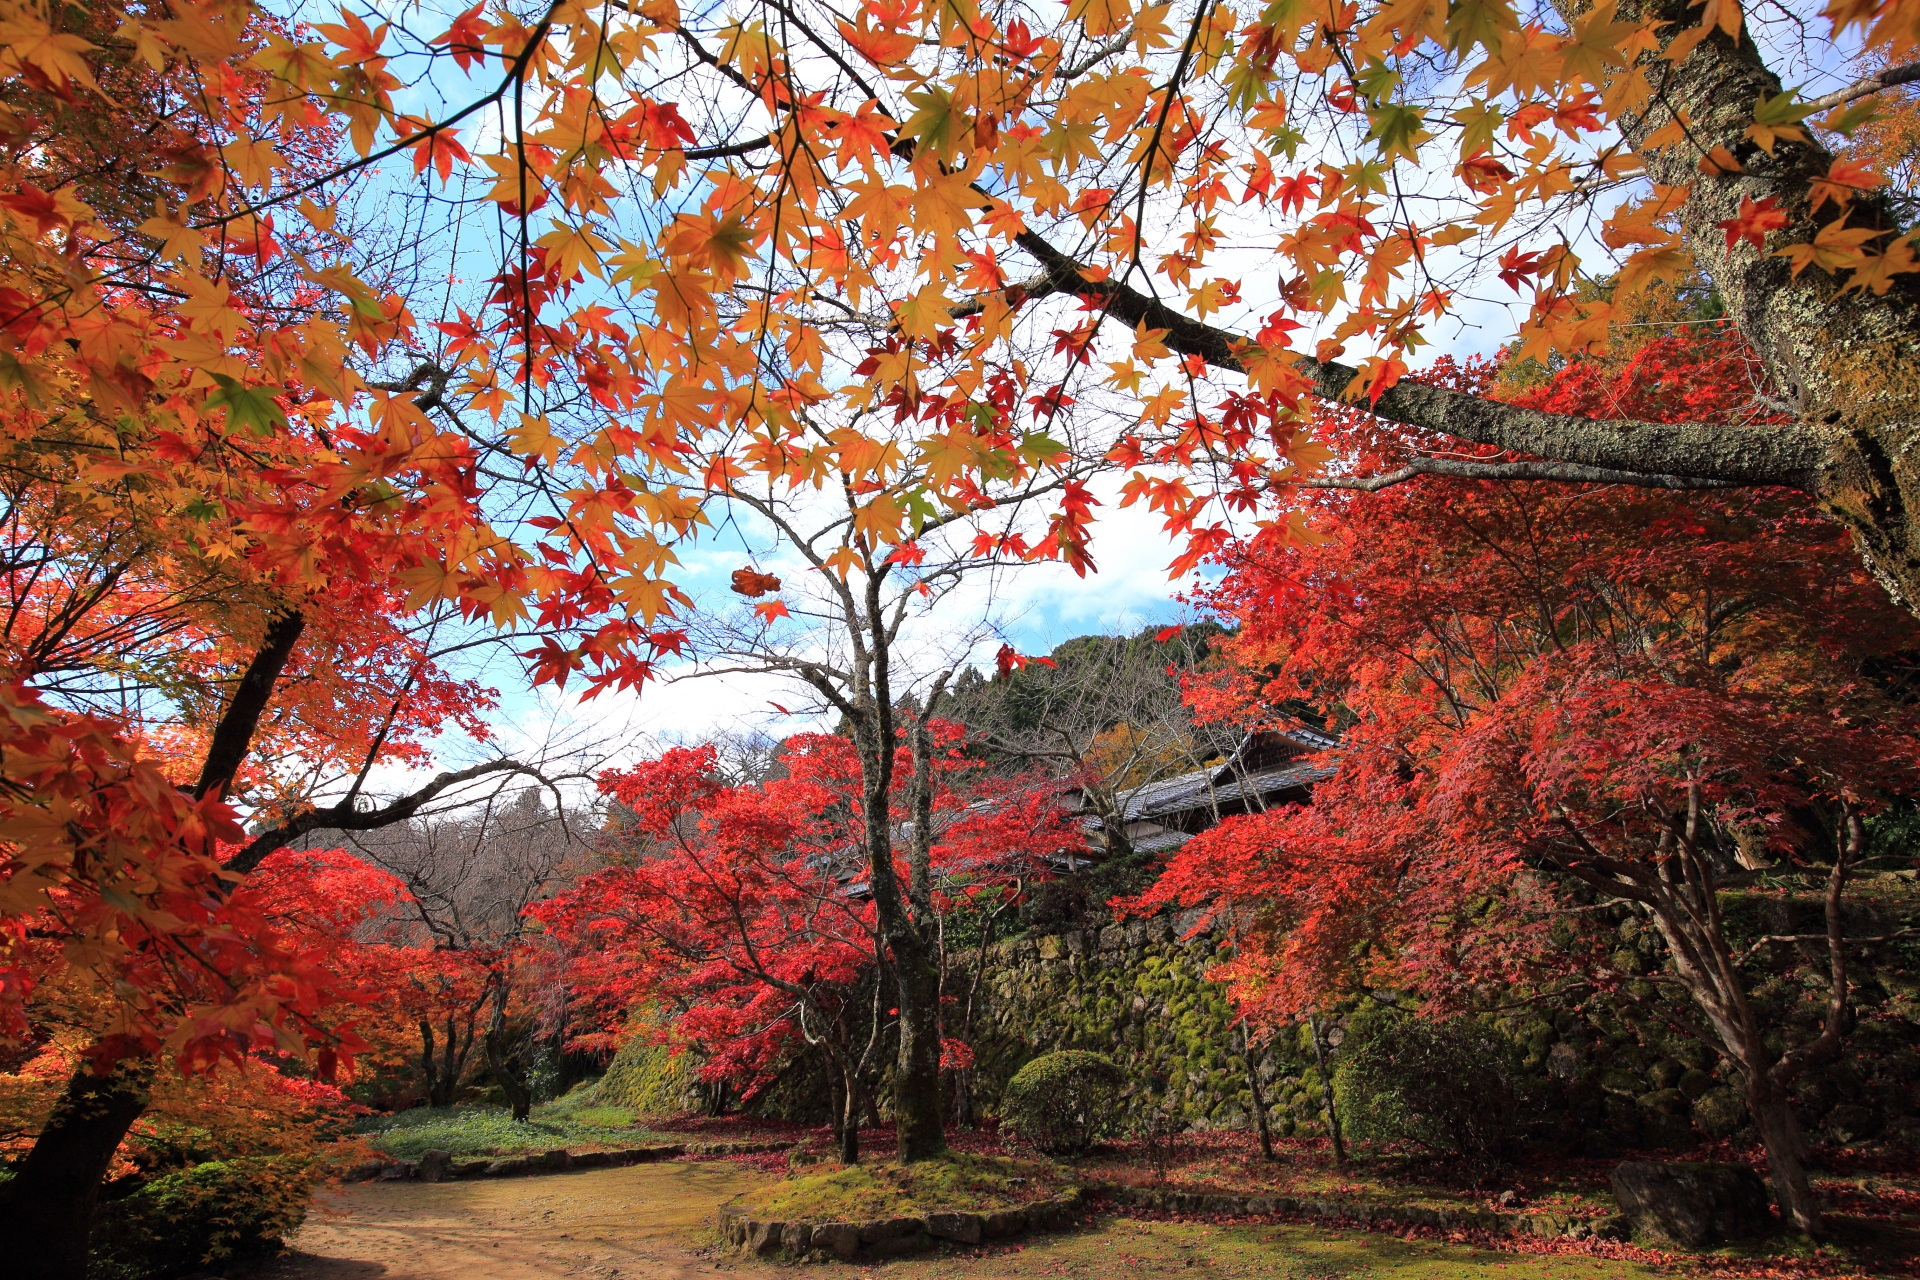 色とりどりの鮮やかな紅葉でいっぱいの凄すぎる秋の勝持寺